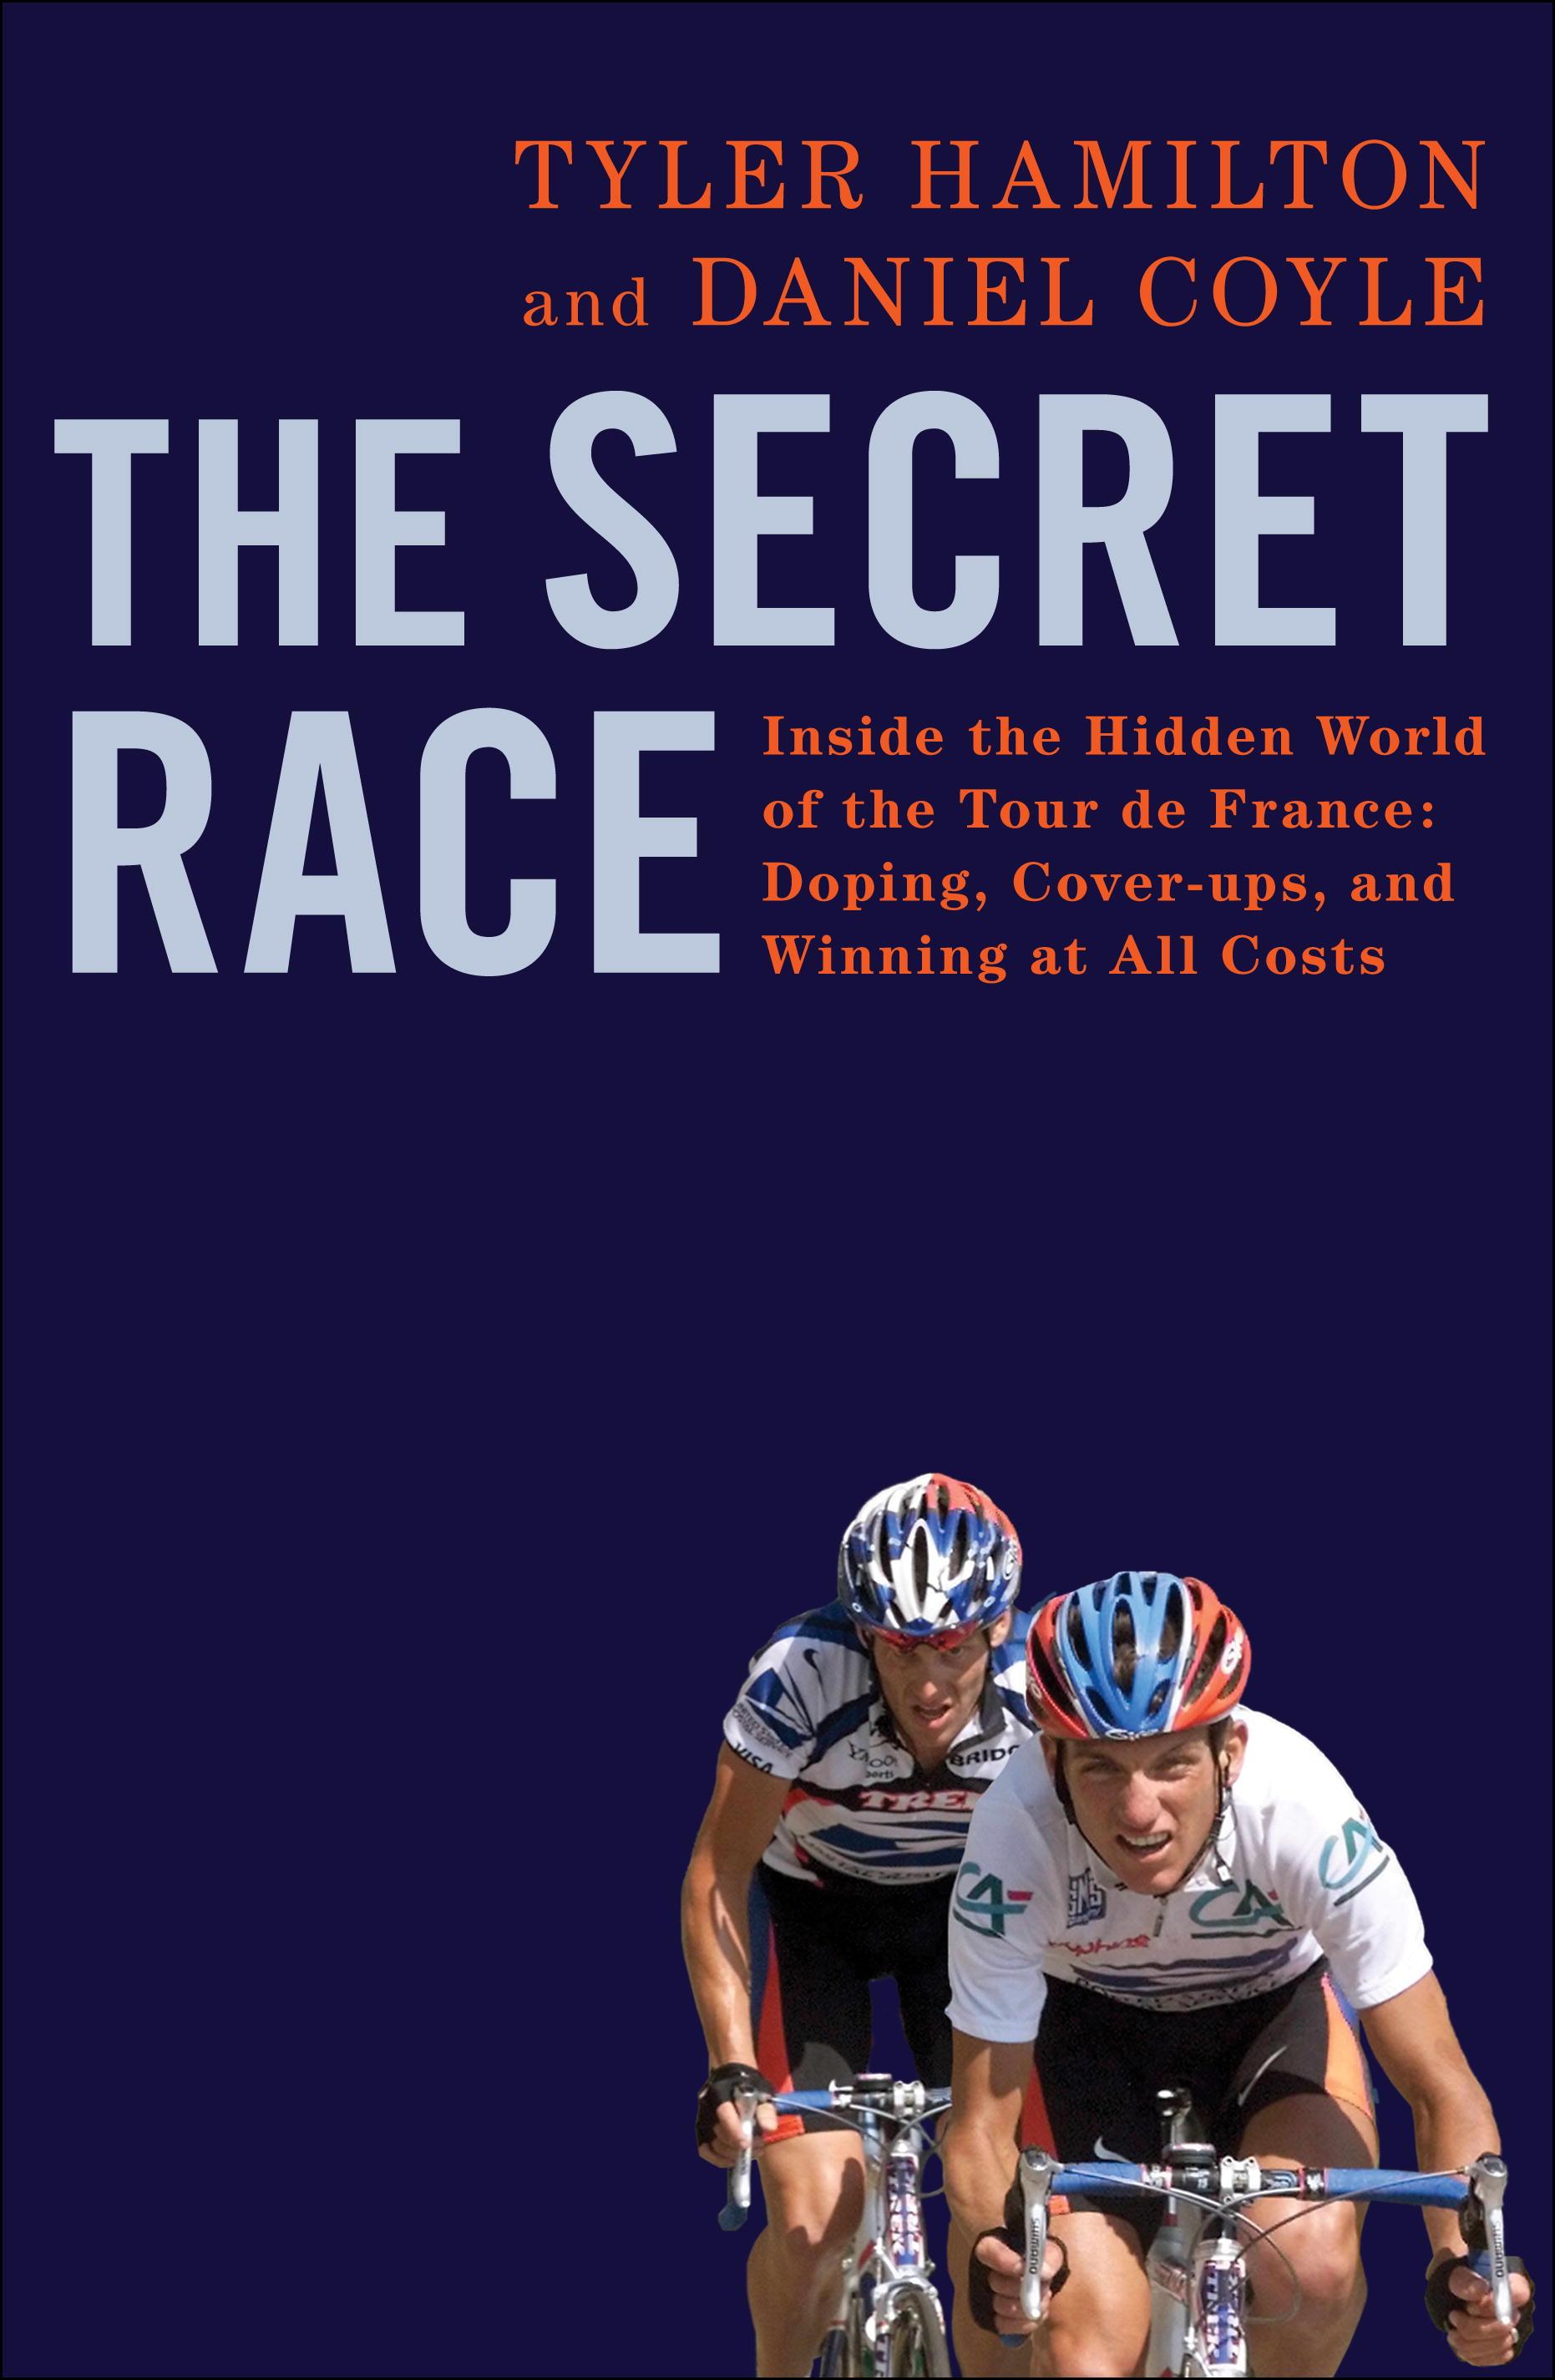 The secret race amazon